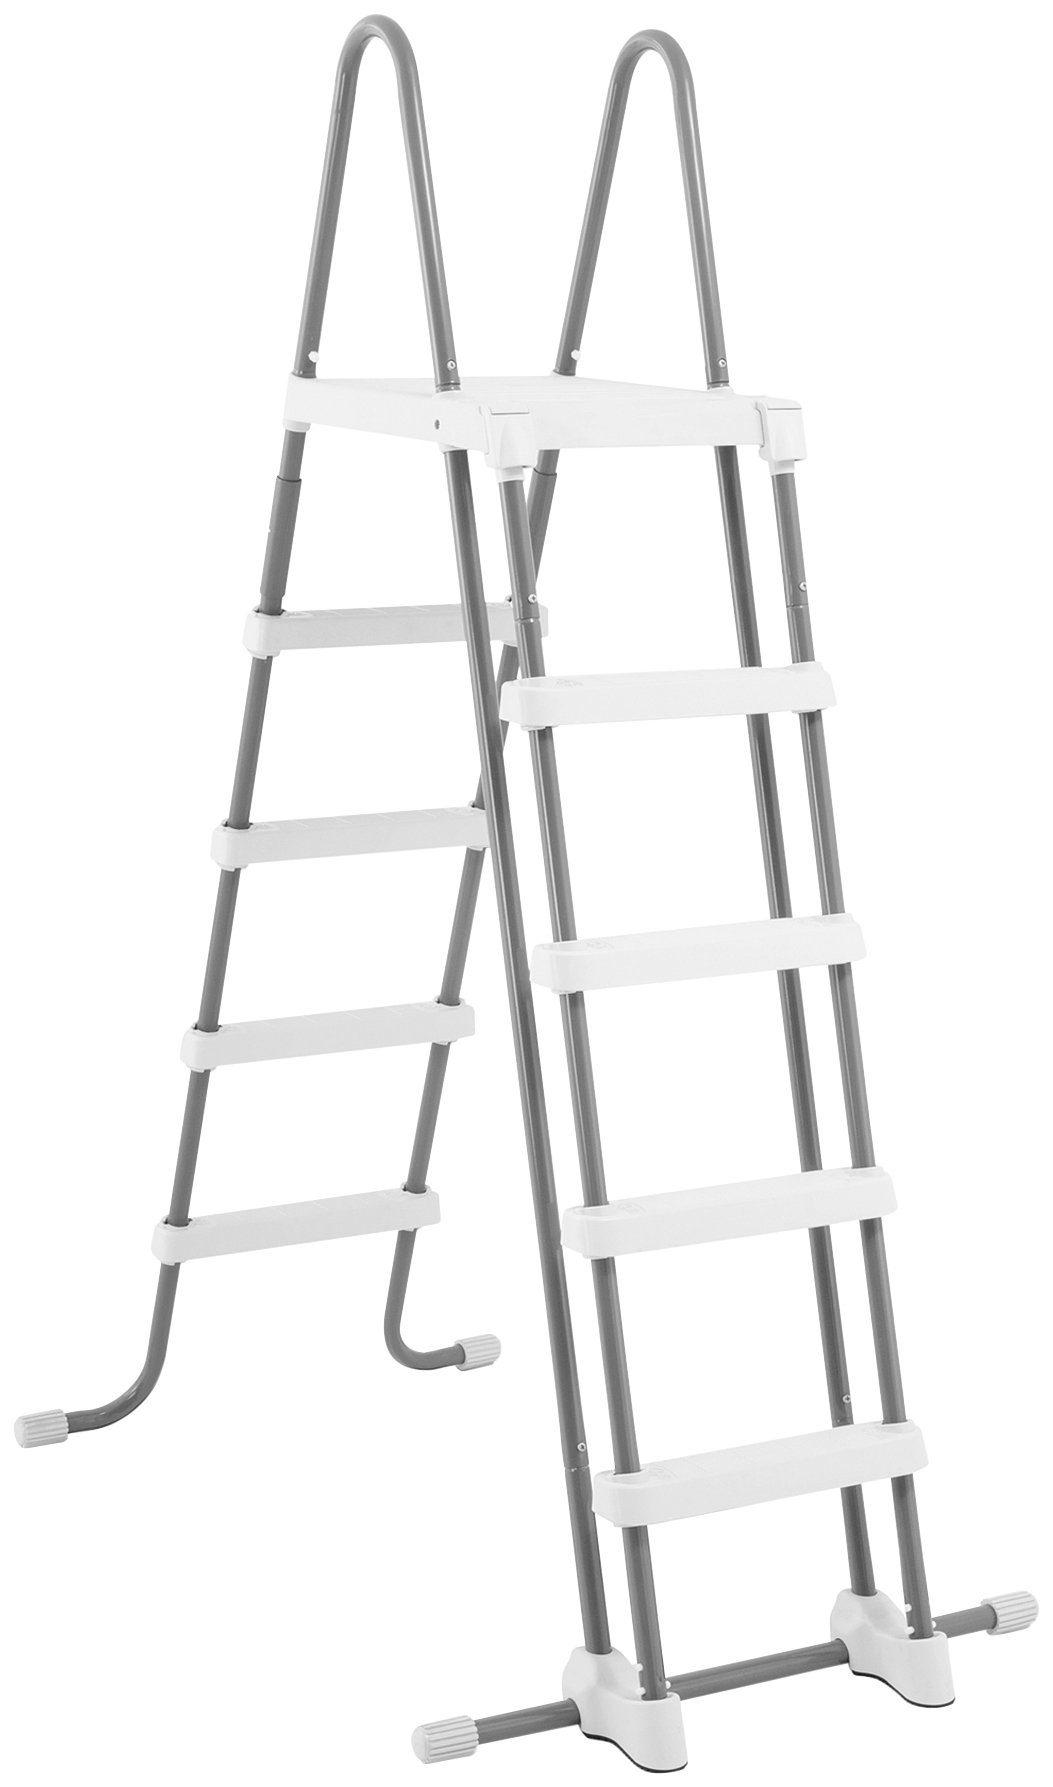 INTEX Pool-Leiter für Pools von 132 cm Höhe